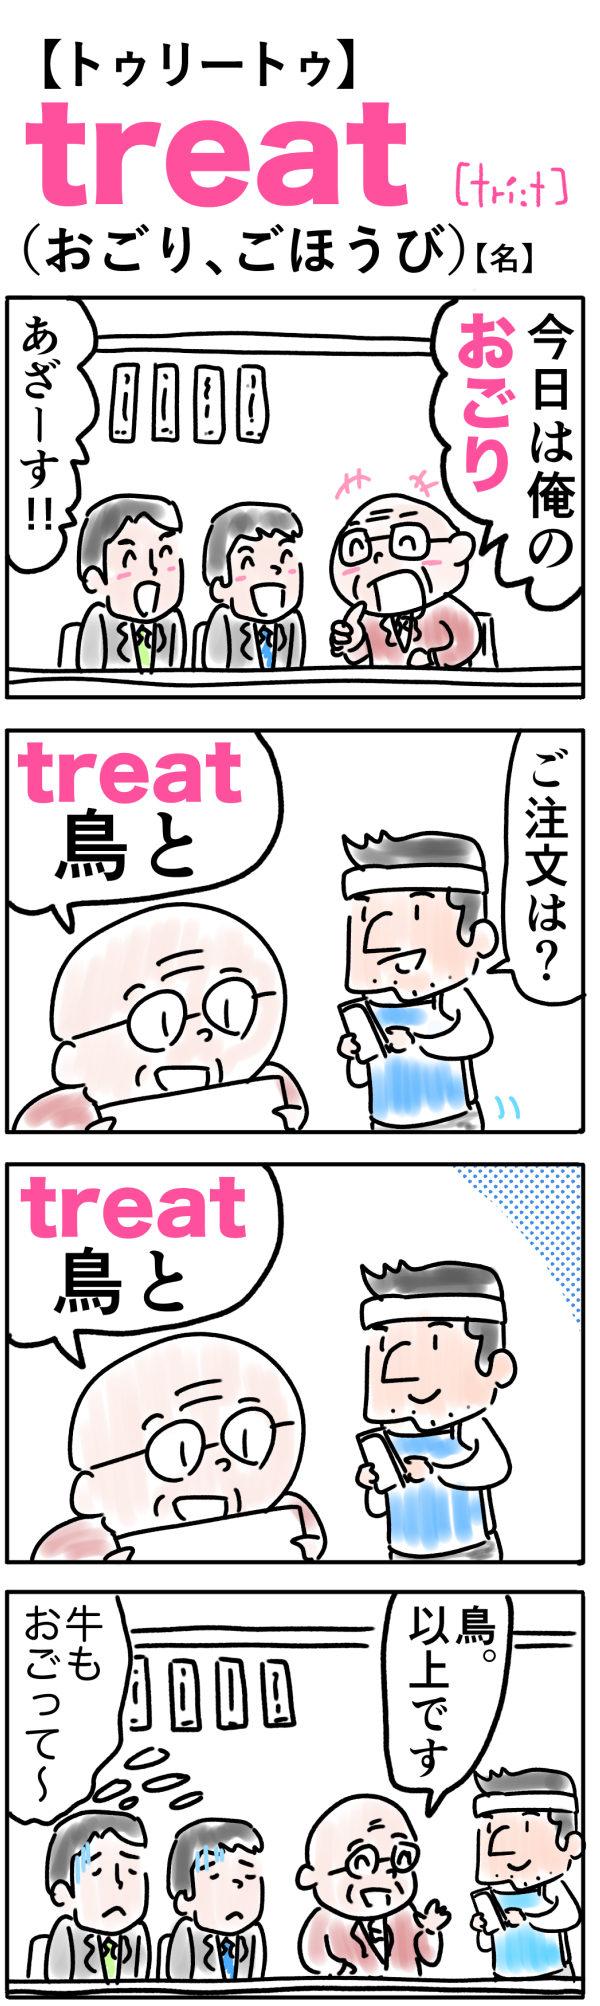 treat(おごり、ごほうび)の語呂合わせ英単語